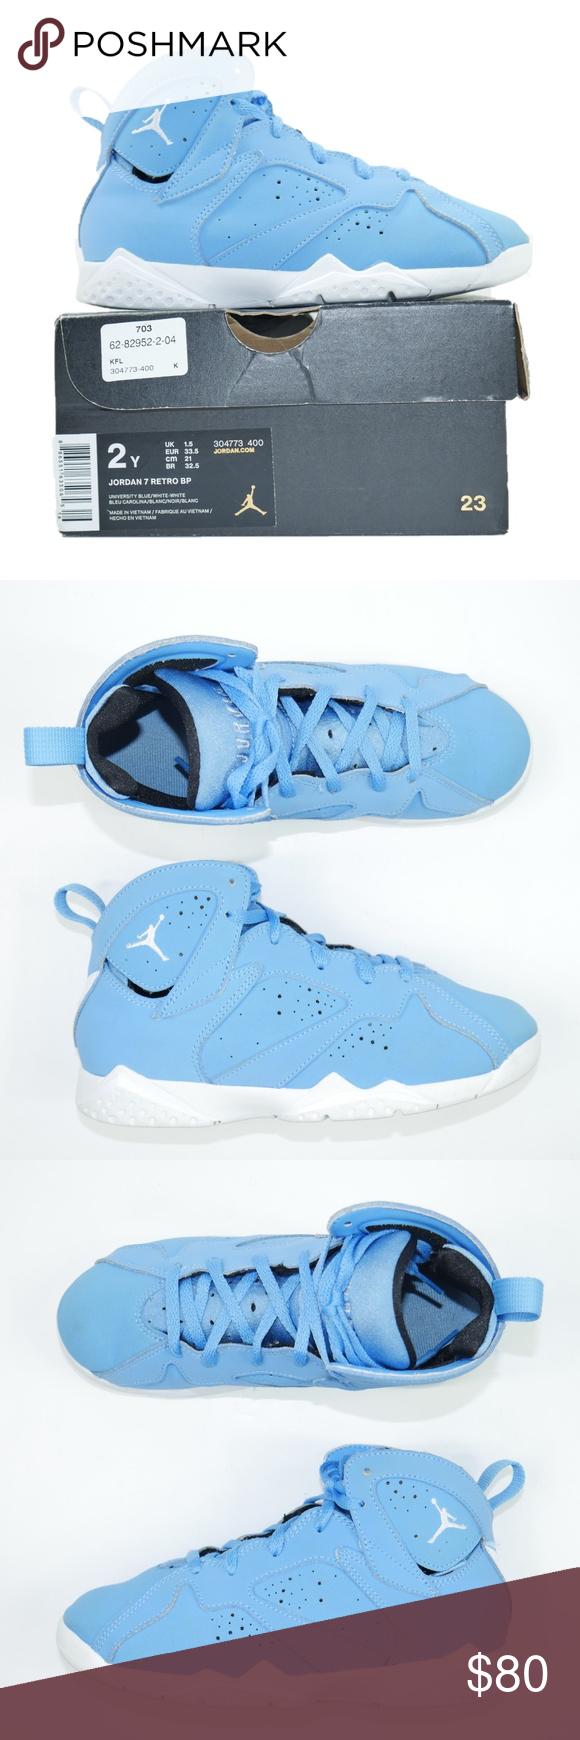 """Pre School Sizes Nike Air Jordan Retro 7 /""""Pantone/"""" Athletic Fashion 304773 400"""